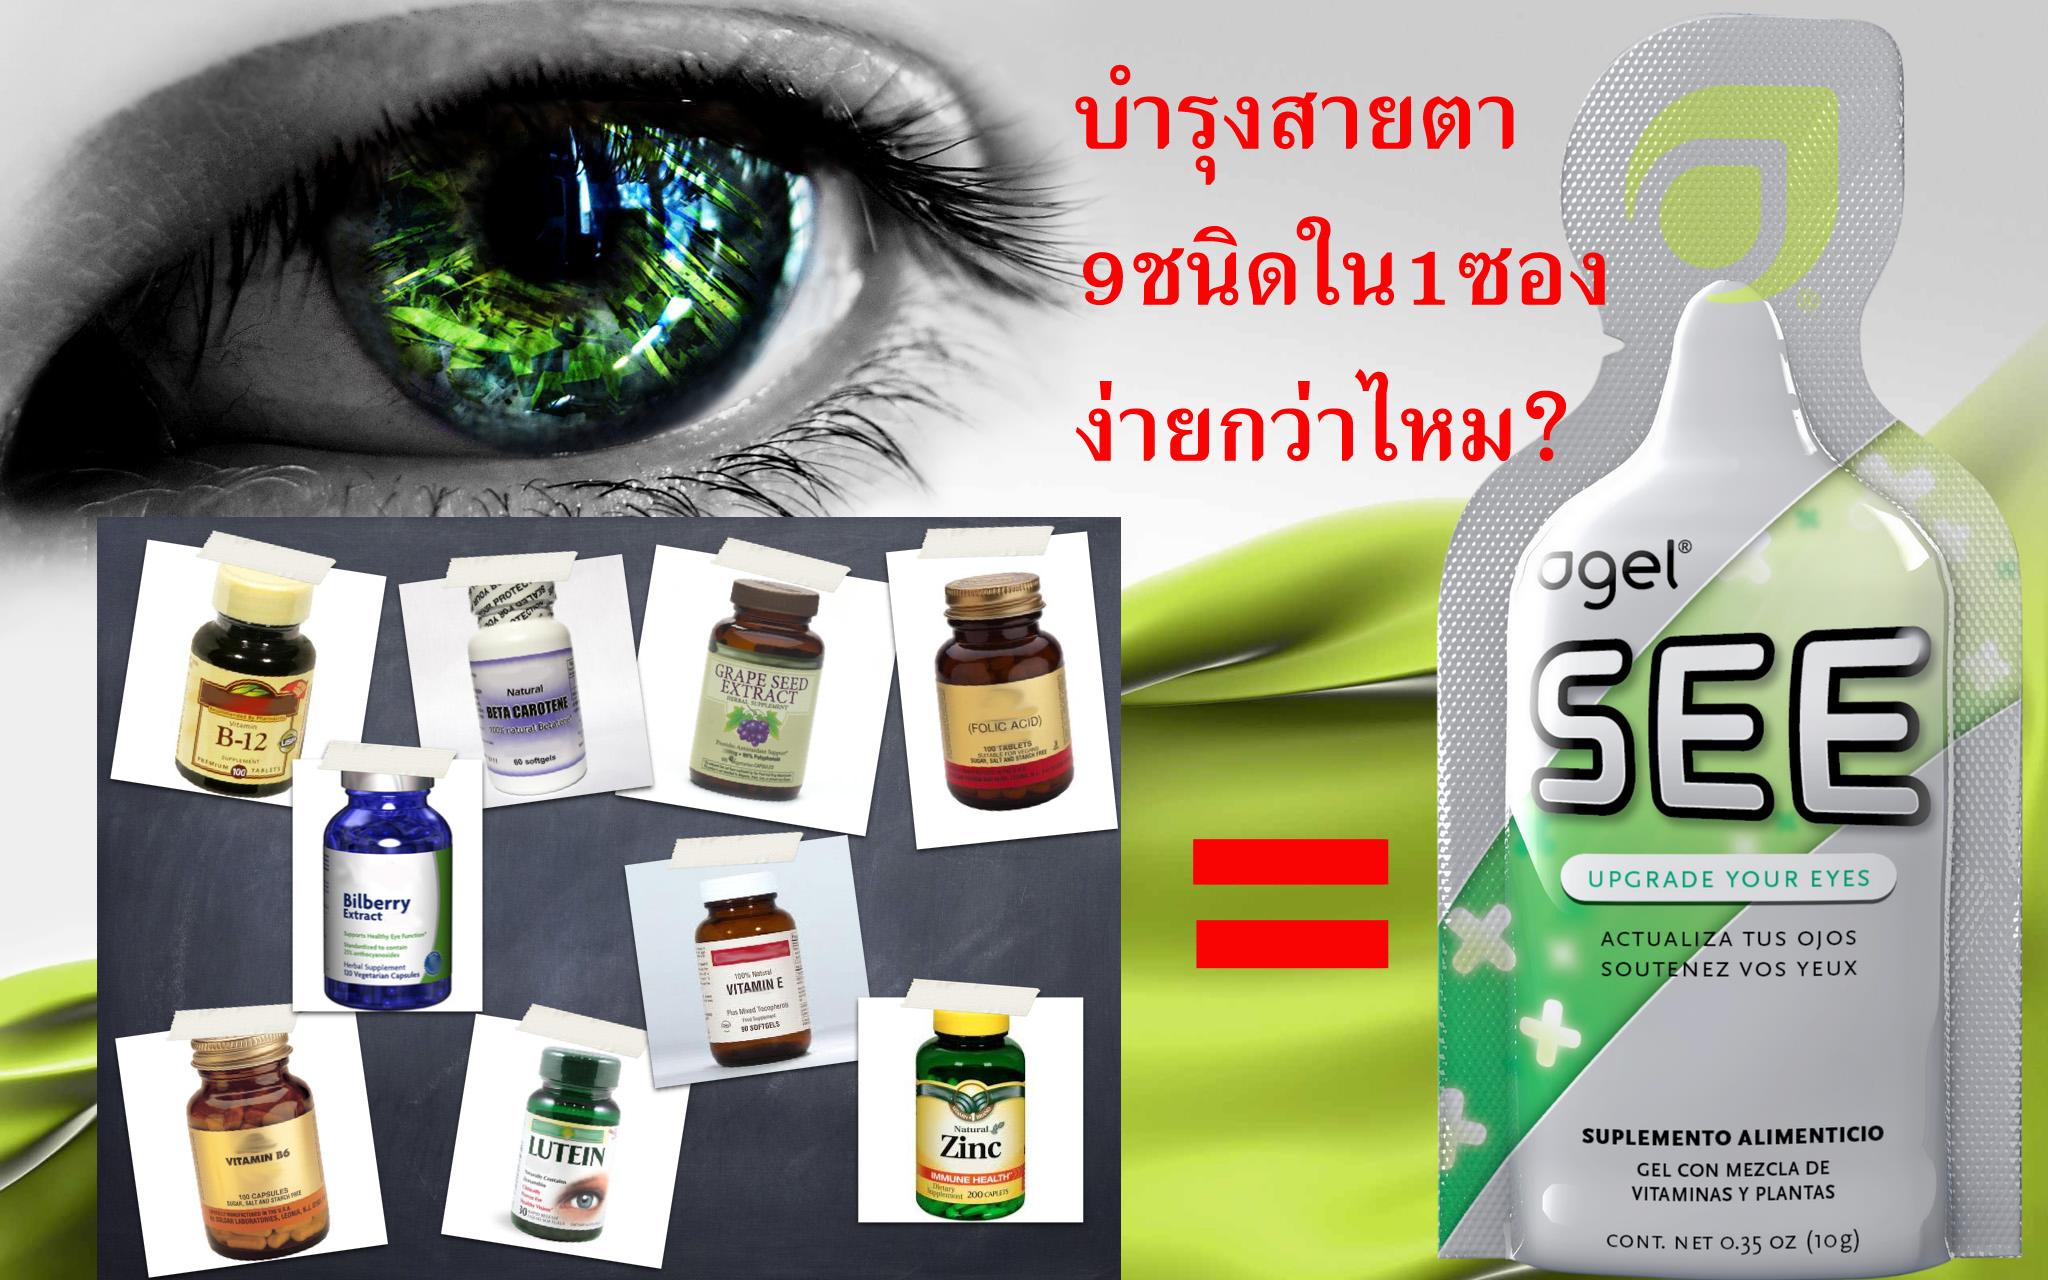 ลดตาแห้ง-ปวดตา-วุ้นในตาเสื่อม-agel-see-ราคา-บำรุงตา-เบาหวาน-ขึ้นตา-สายตา-เลสิค